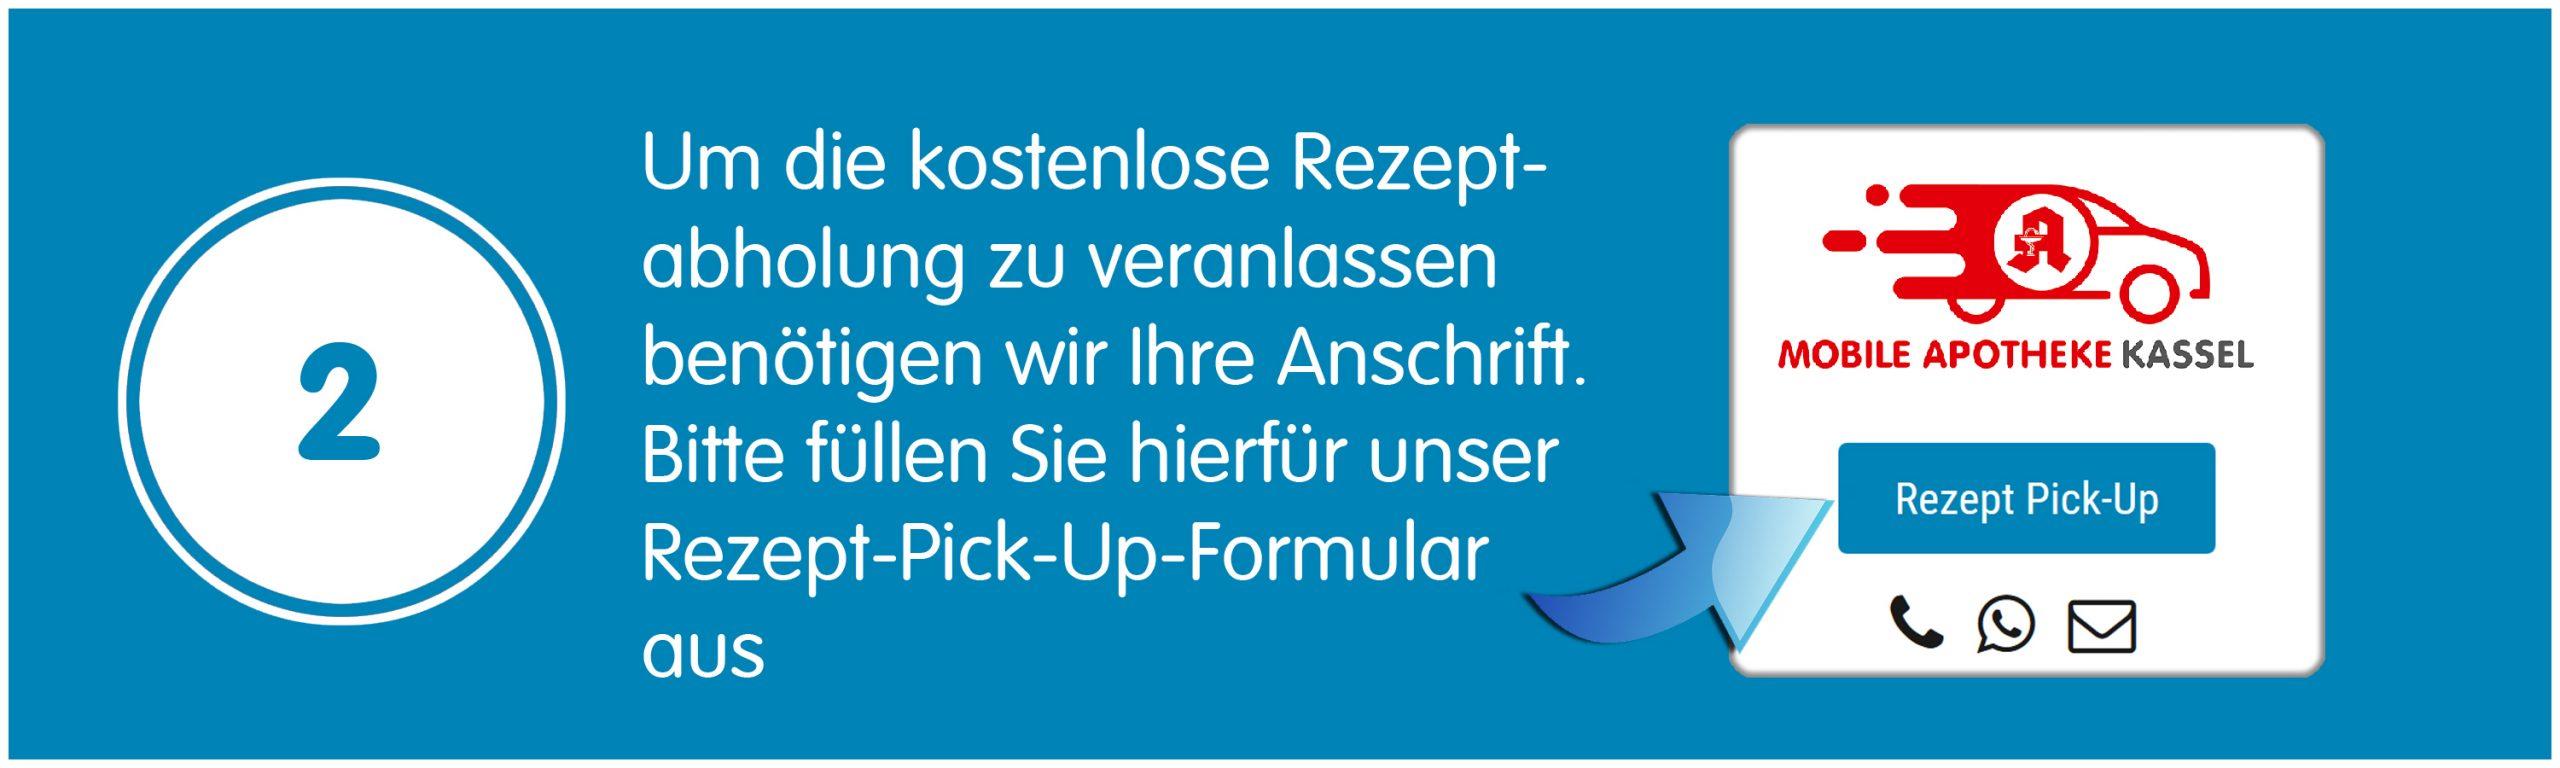 Um die kostenlose Rezeptabholung zu veranlassen benötigen wir Ihre Anschrift. Bitte füllen Sie hierfür unser Rezept-Pick-Up-Formular aus